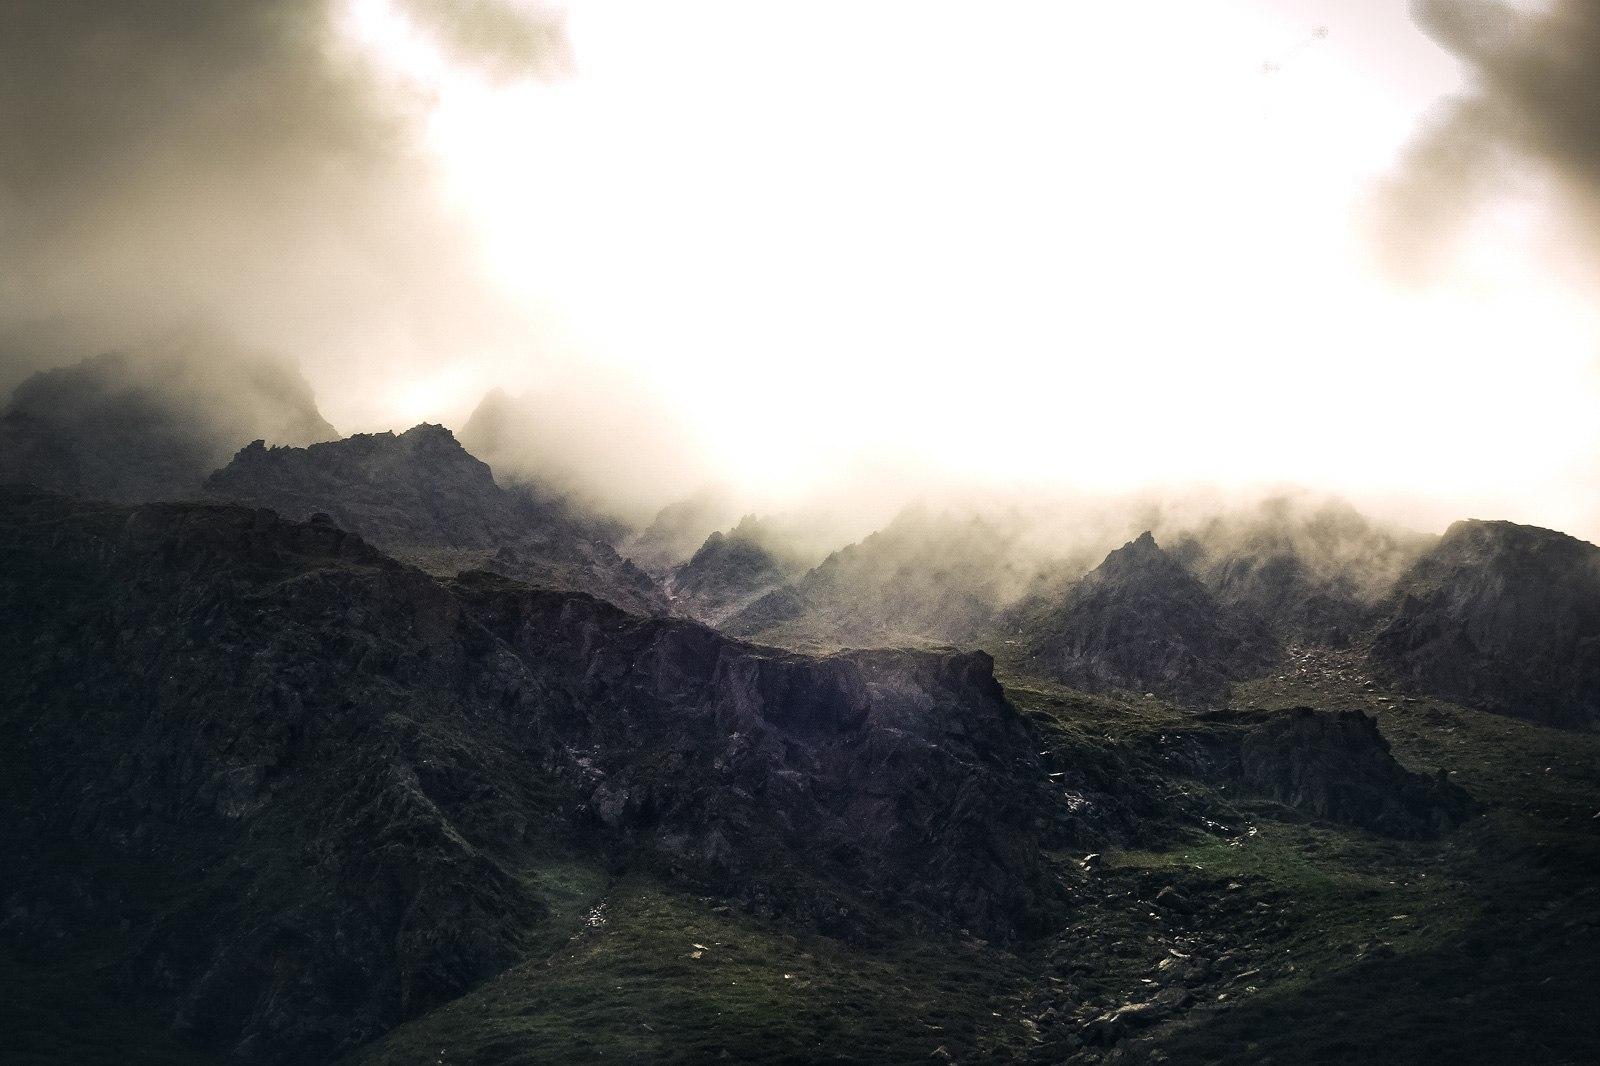 Durch die tief hängenden Wolken hatten wir eine richtig mystische Stimmung.